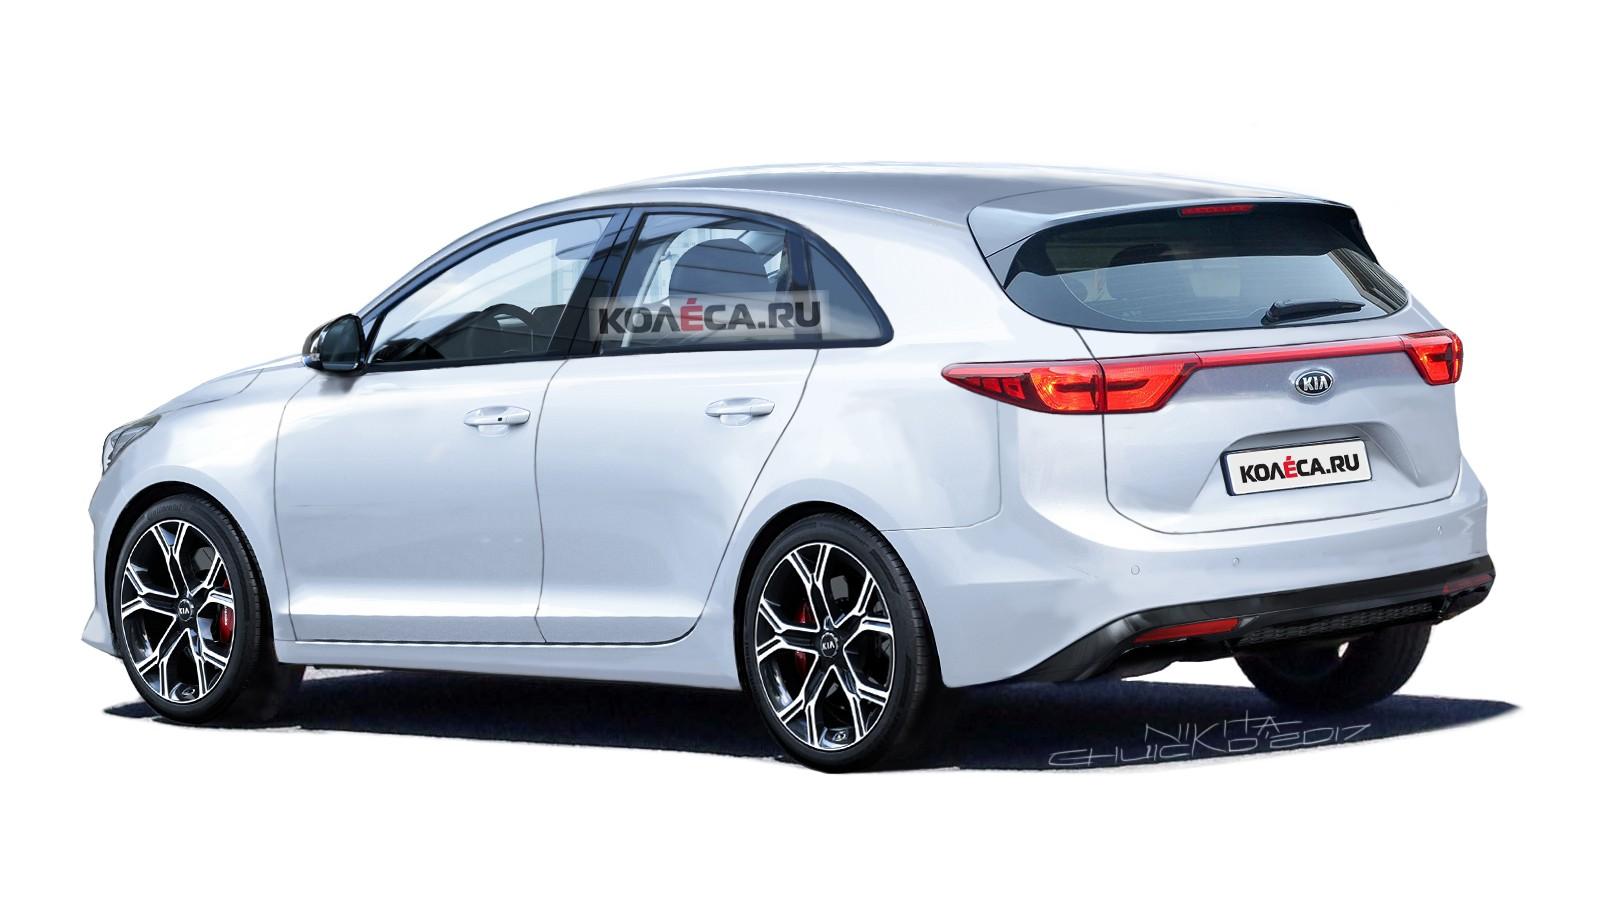 Kia Ceed rear2